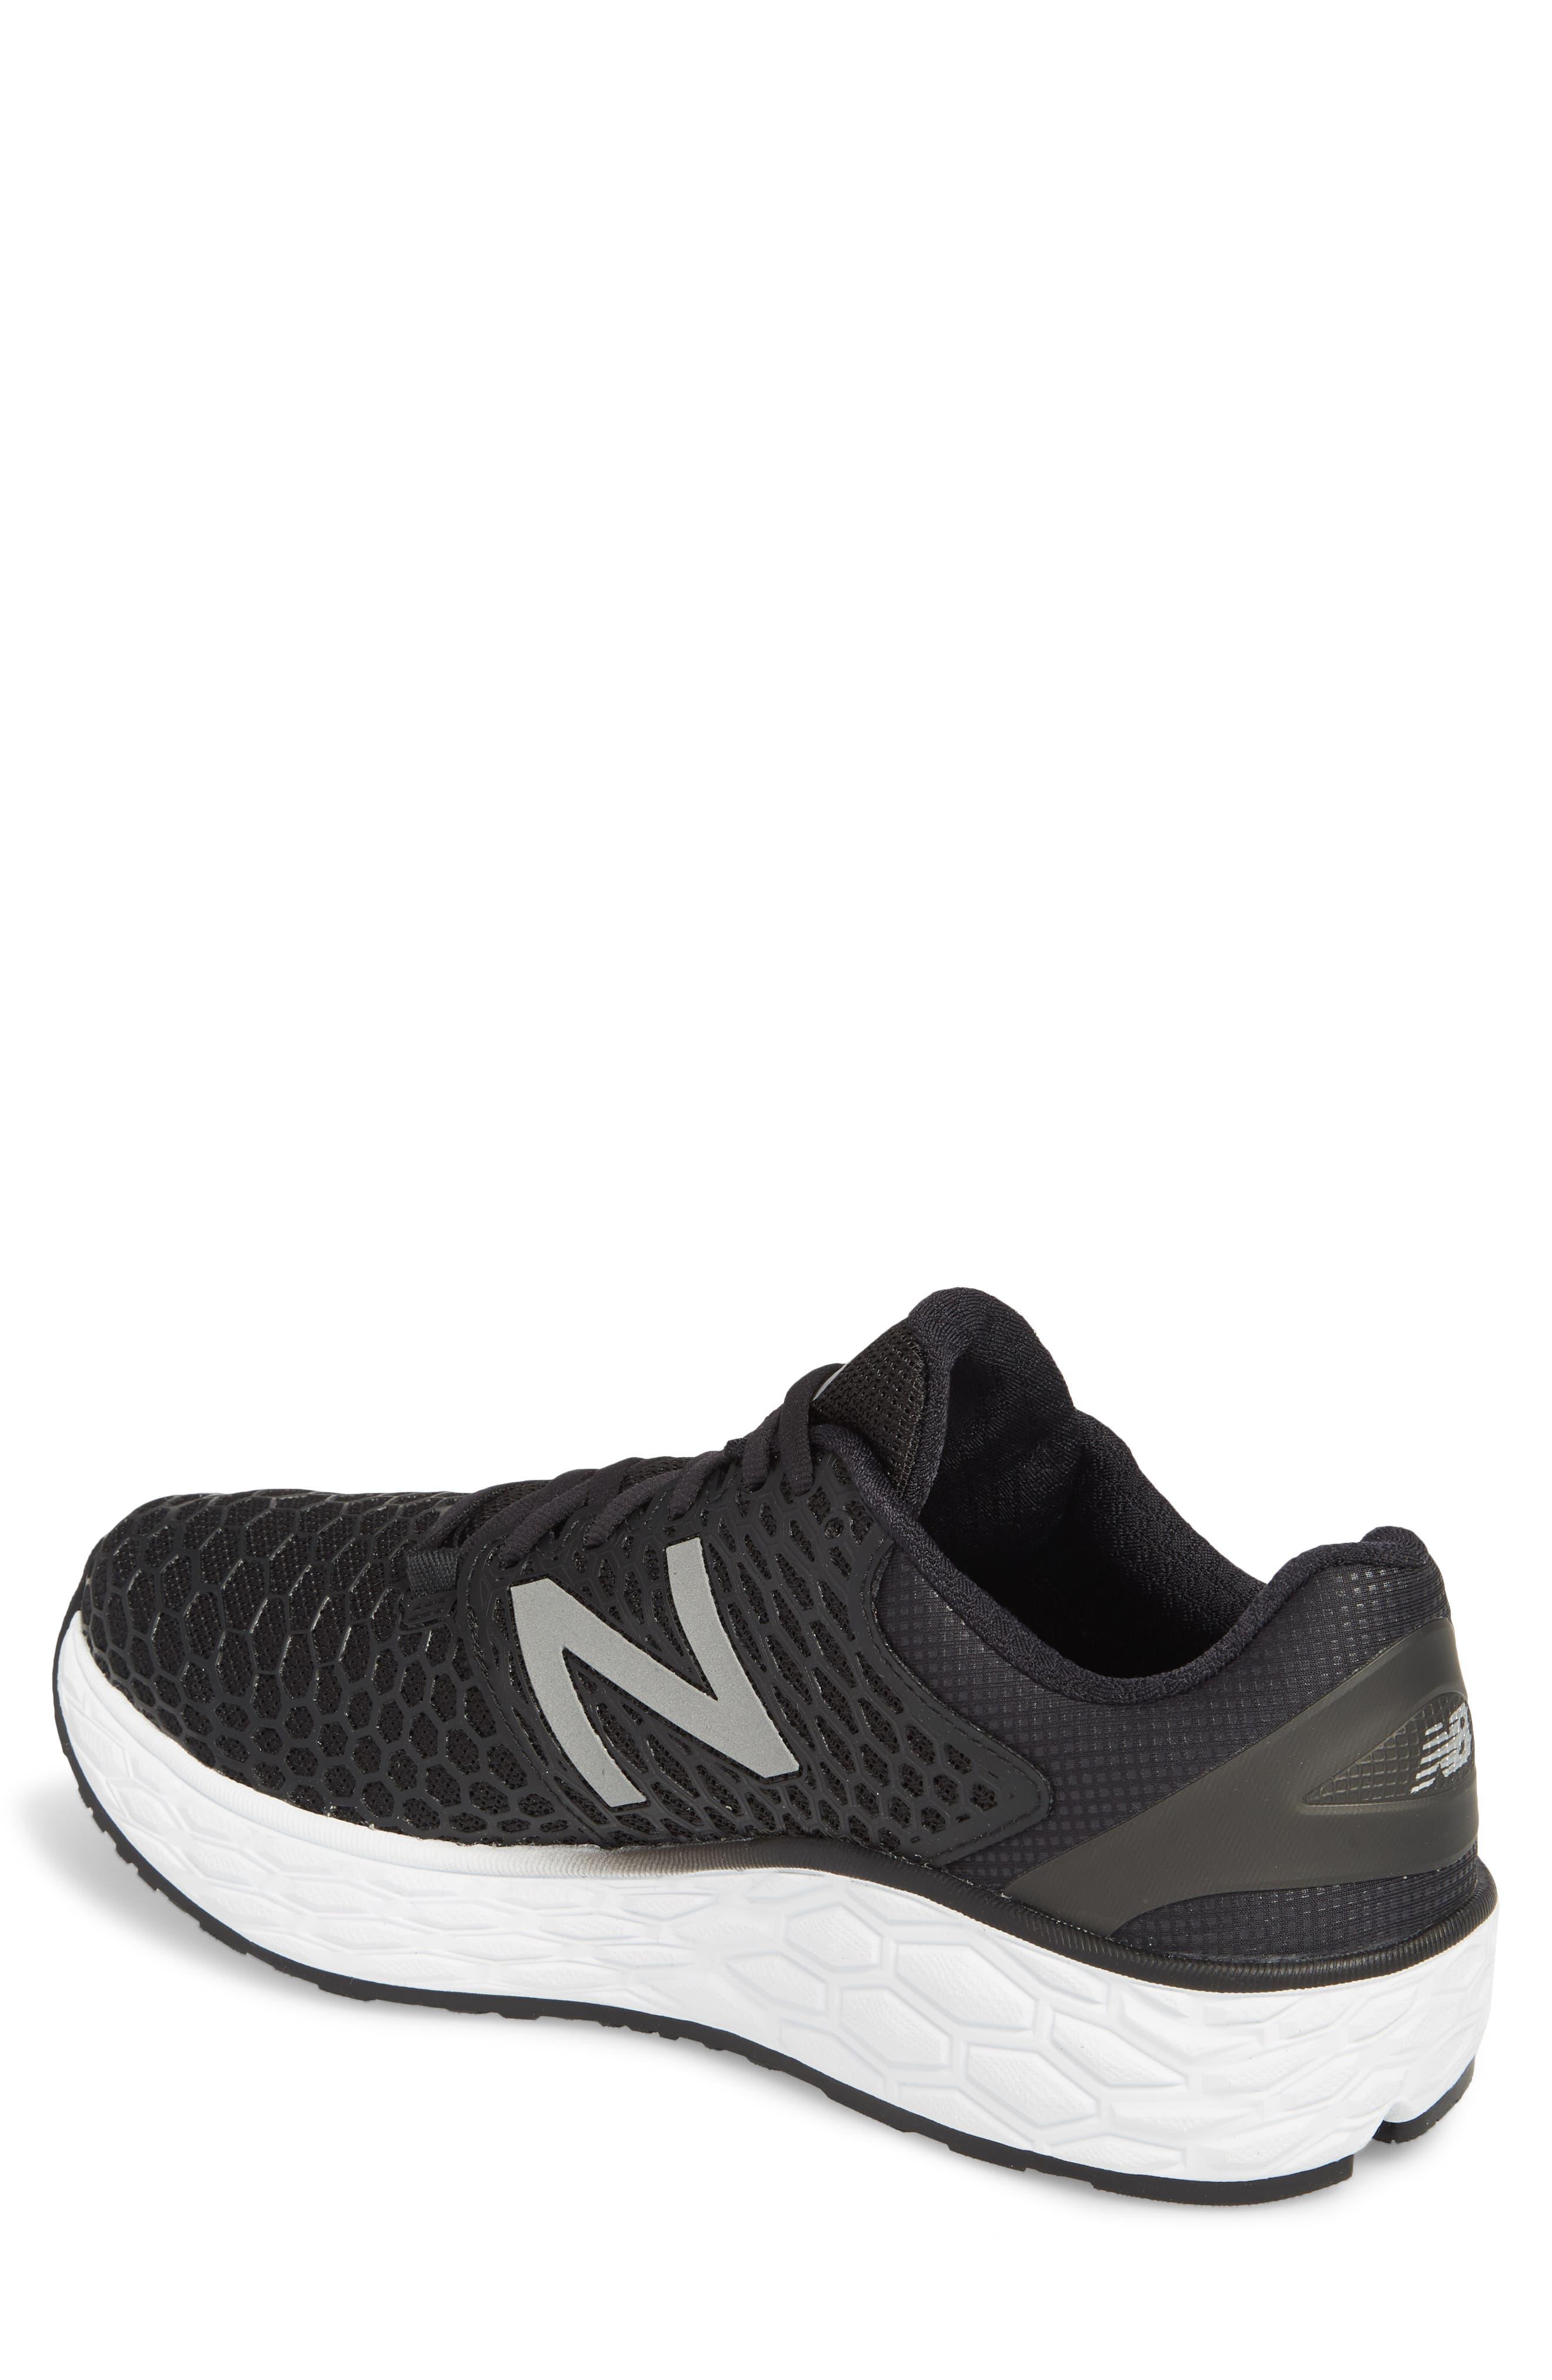 Fresh Foam Vongo v3 Running Shoe,                             Alternate thumbnail 2, color,                             BLACK